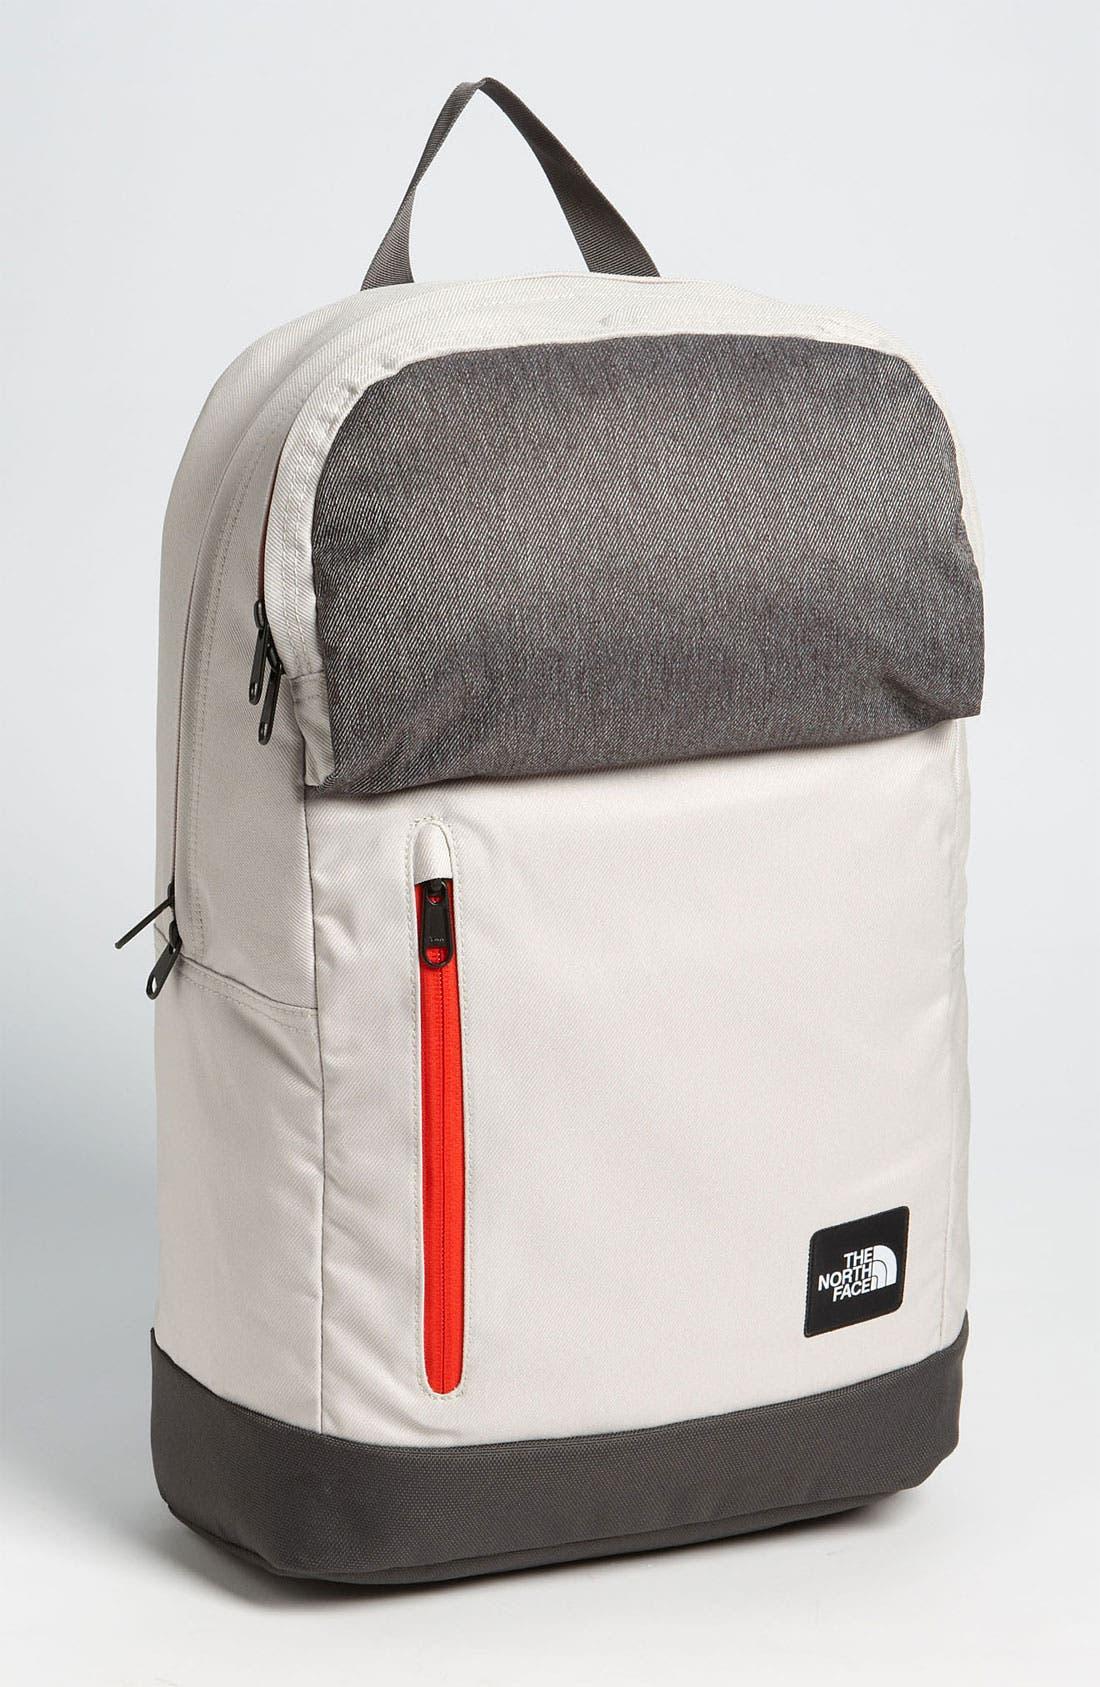 Alternate Image 1 Selected - The North Face 'Singletasker' Backpack